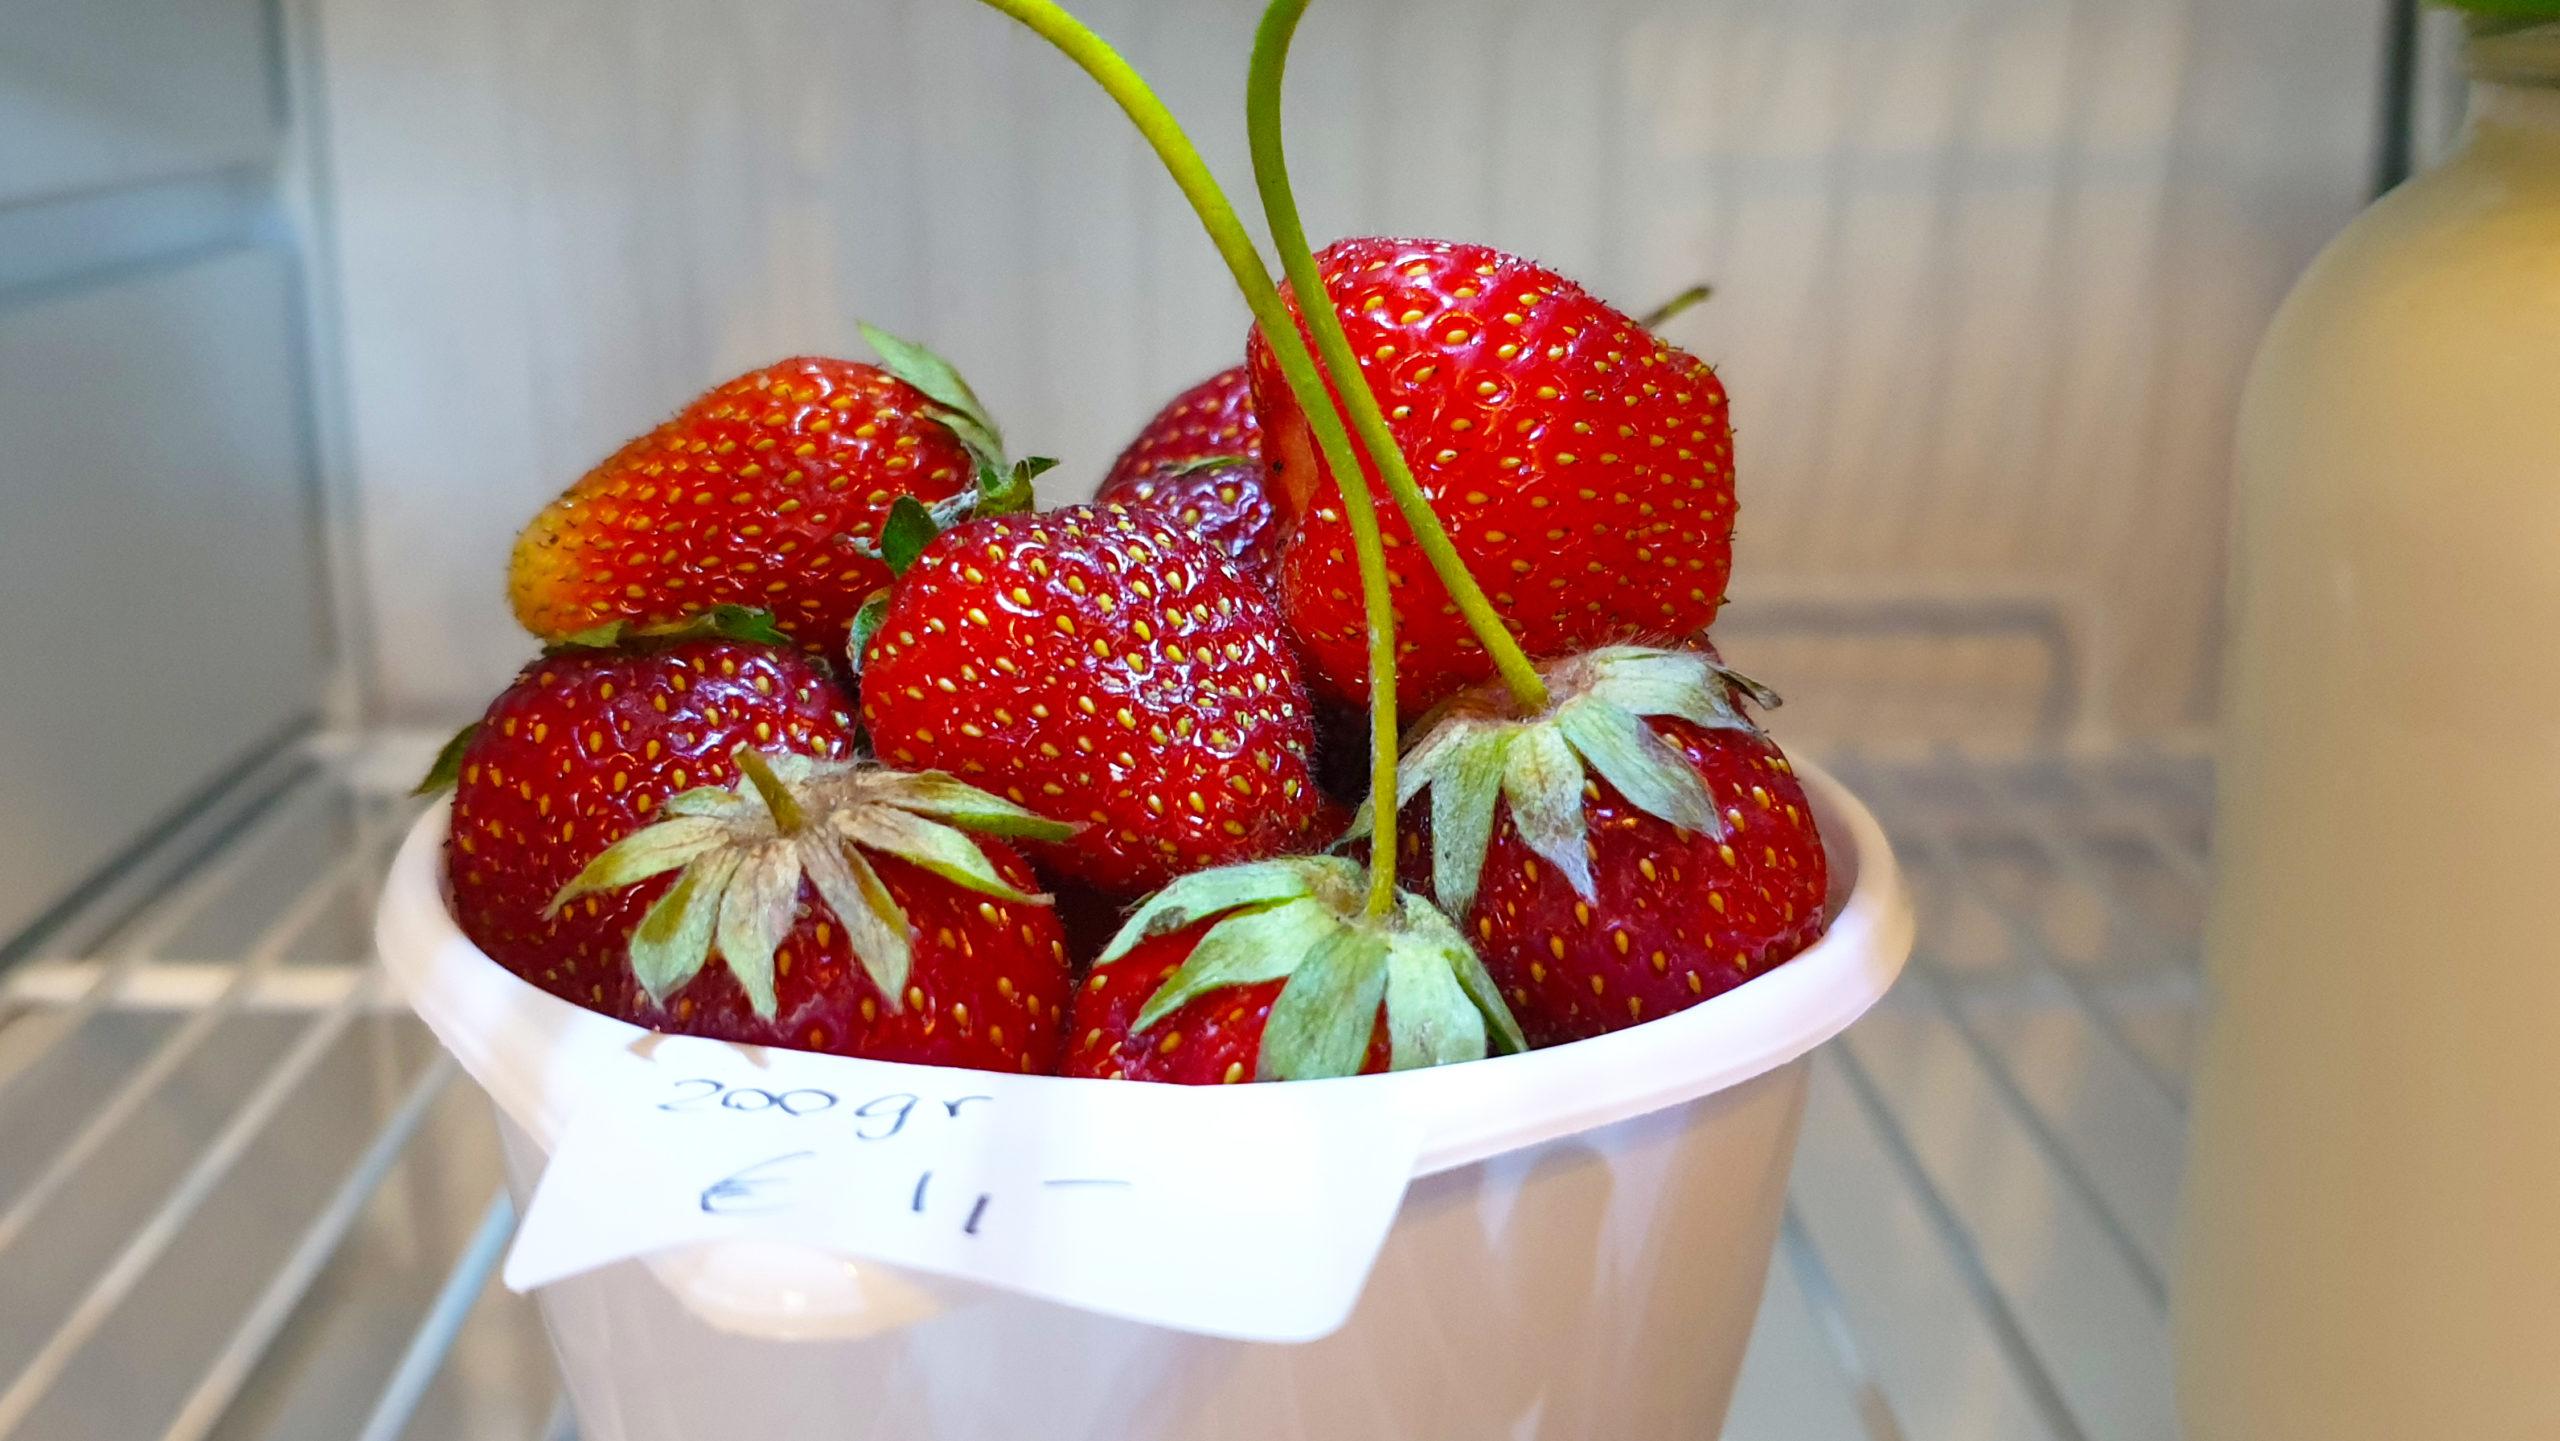 Verrassing in de koelkast bij Melktap Heeswijk Dinther, een bakje heerlijke verse aardbeien